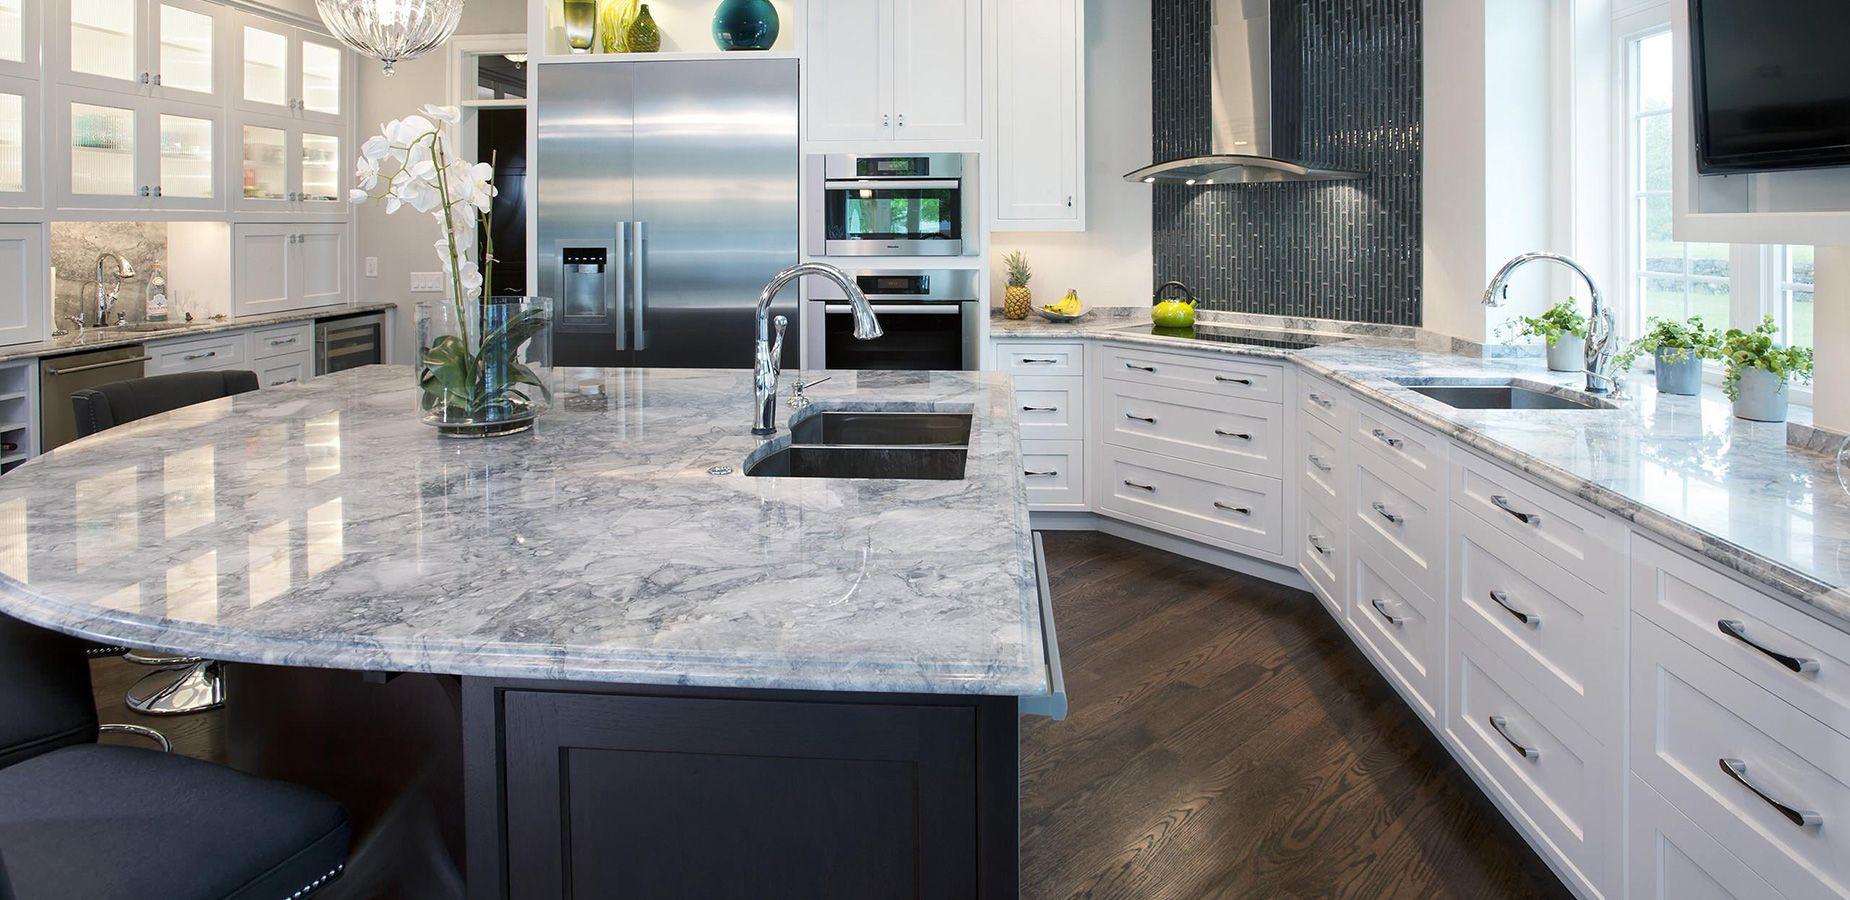 Küchendesign grün weißen granit küchenarbeitsplatten  gelb rot blau weiß grün und